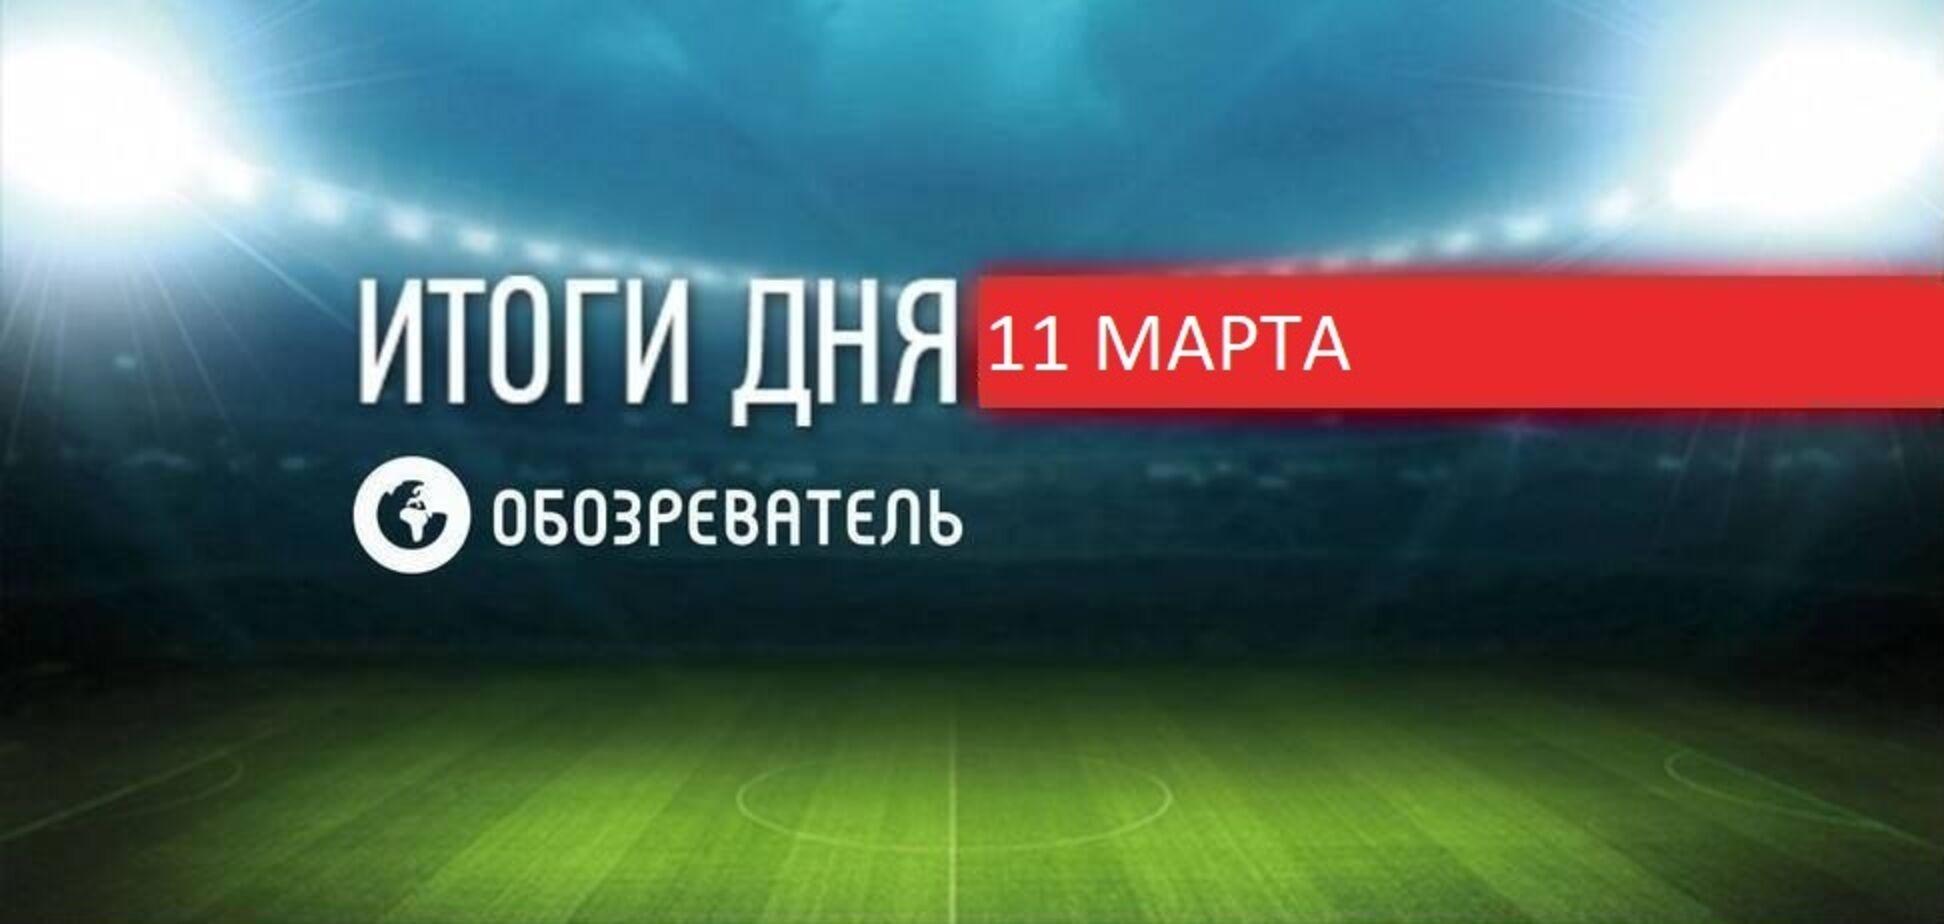 Новости спорта 11 марта: поражения 'Динамо' и 'Шахтера' в ЛЕ, полуголые фото Свитолиной